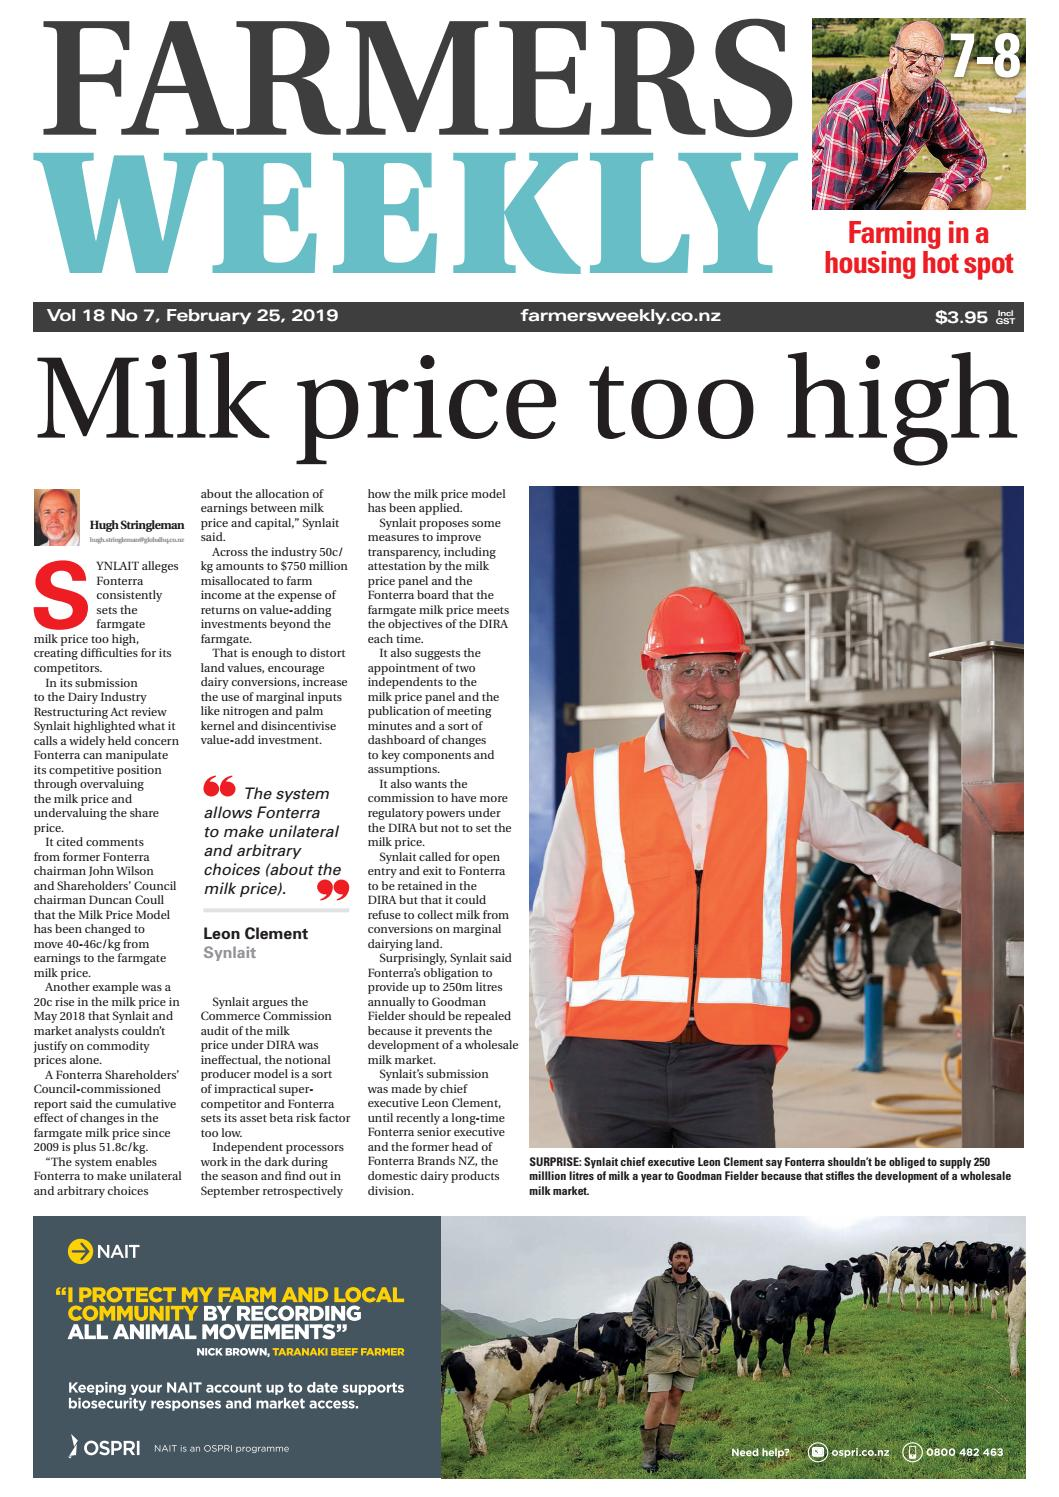 c8db33836408 Farmers Weekly NZ February 25 2019 by Farmers Weekly NZ - issuu